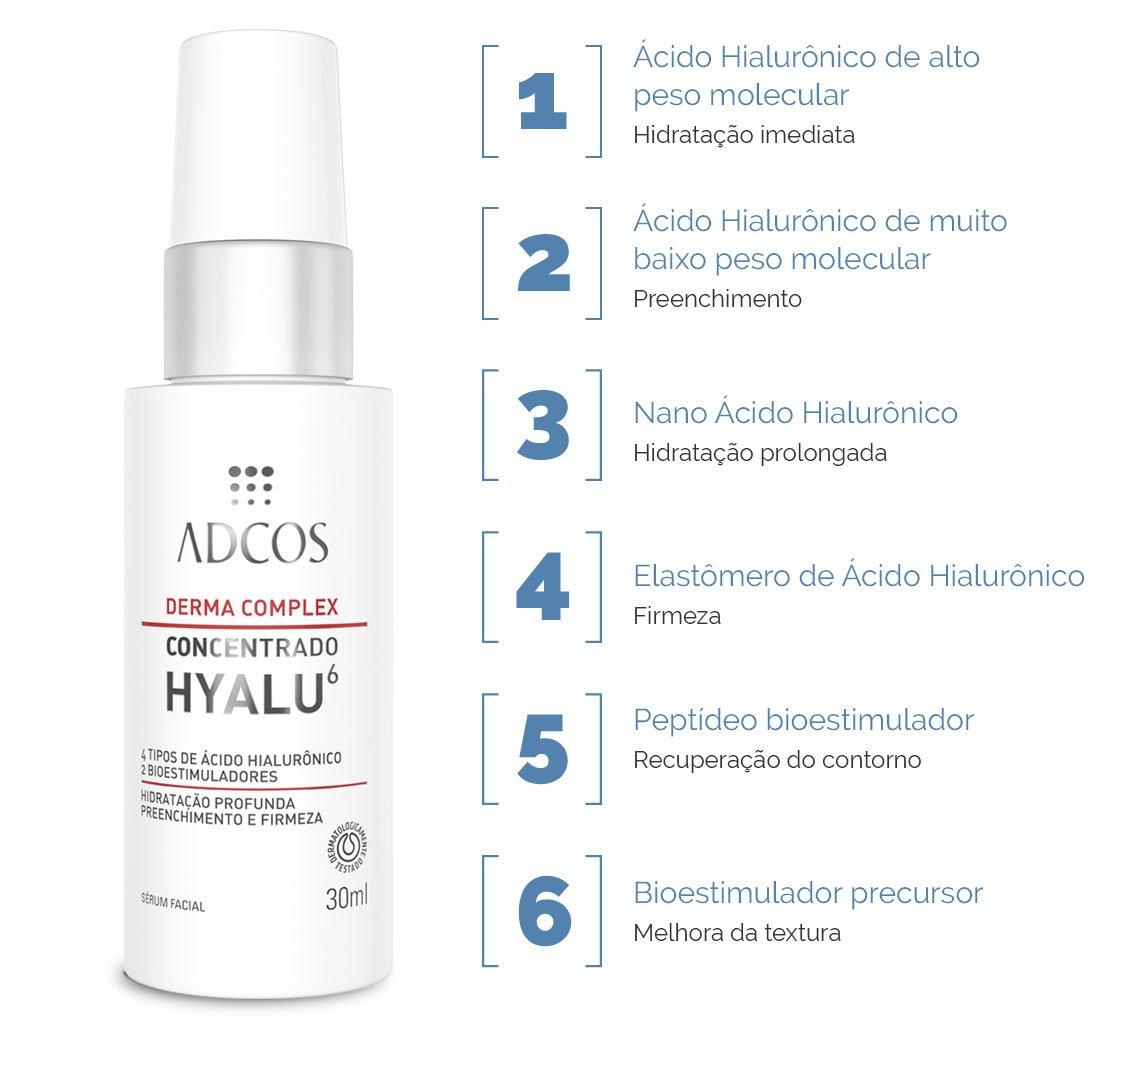 DERMA COMPLEX CONCENTRADO HYALU 6 30ml - Adcos